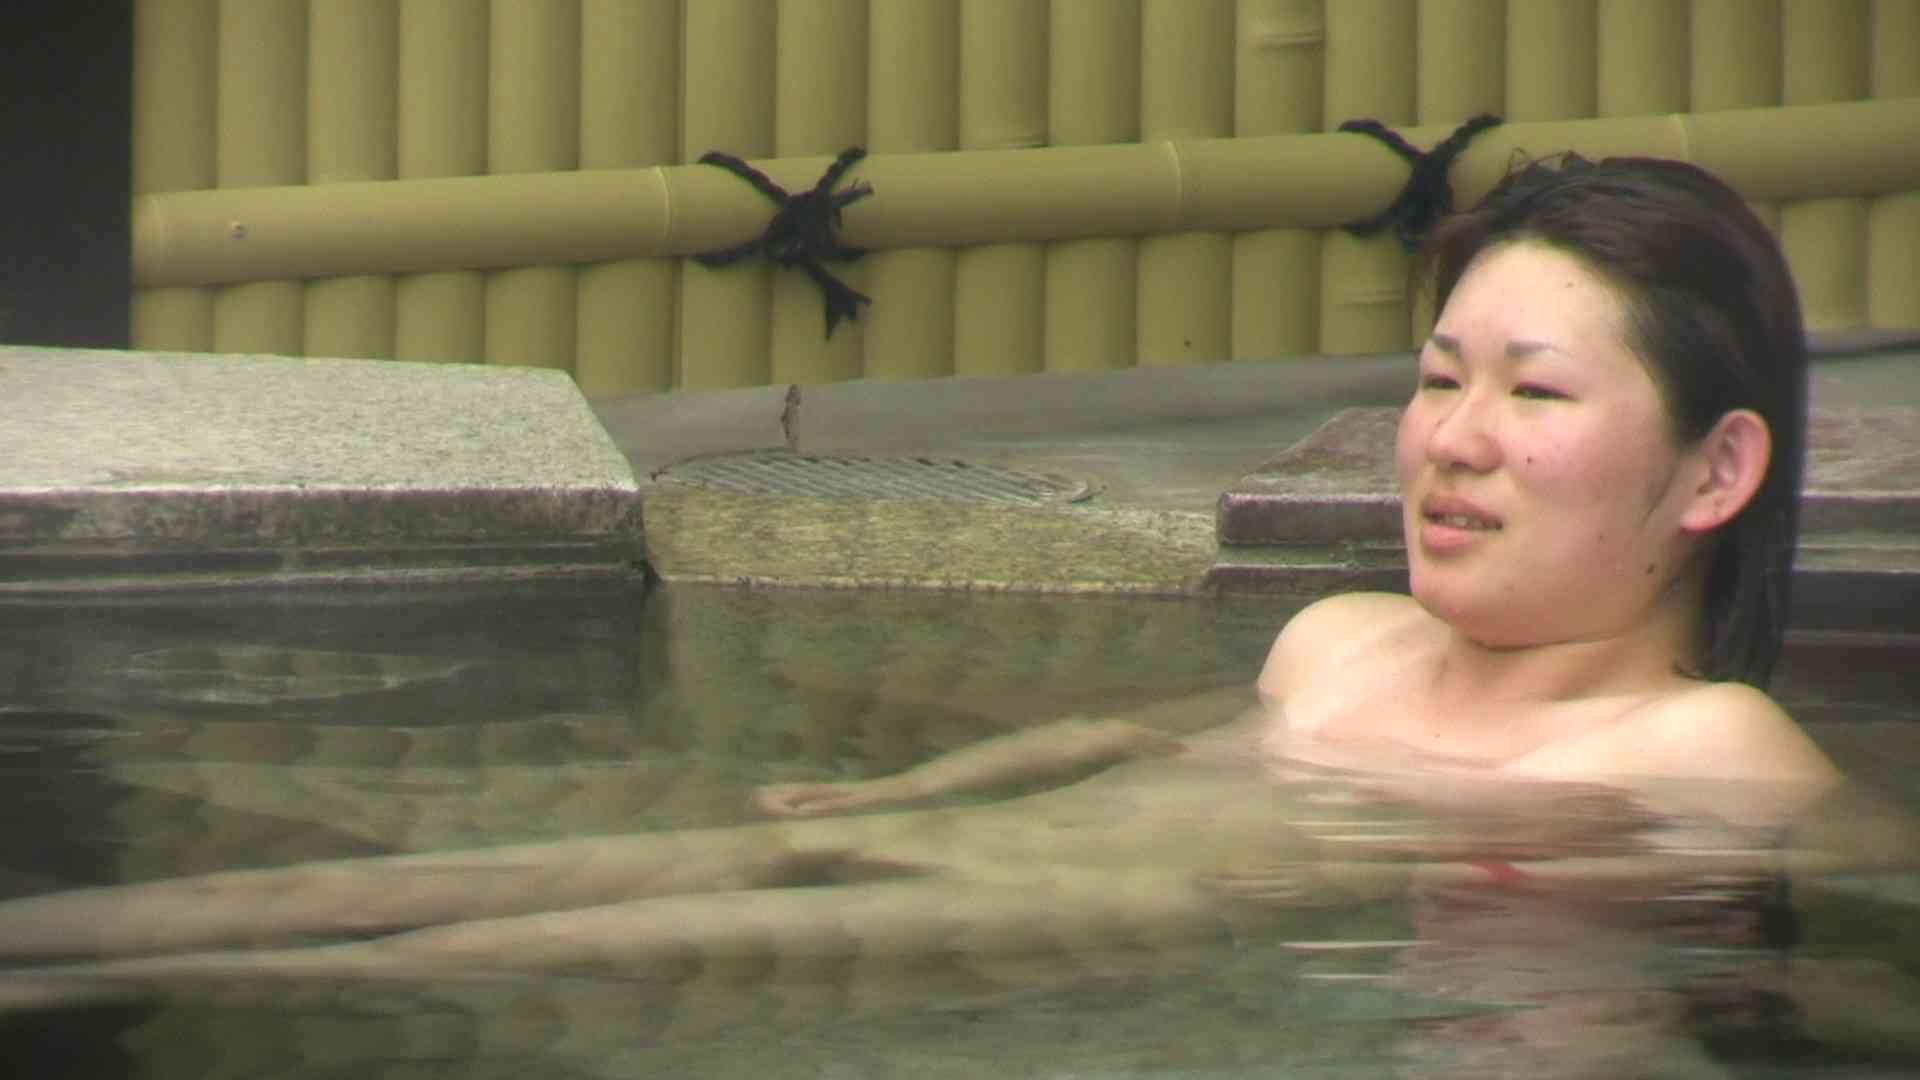 Aquaな露天風呂Vol.673 OLエロ画像 | 盗撮  104PICs 97